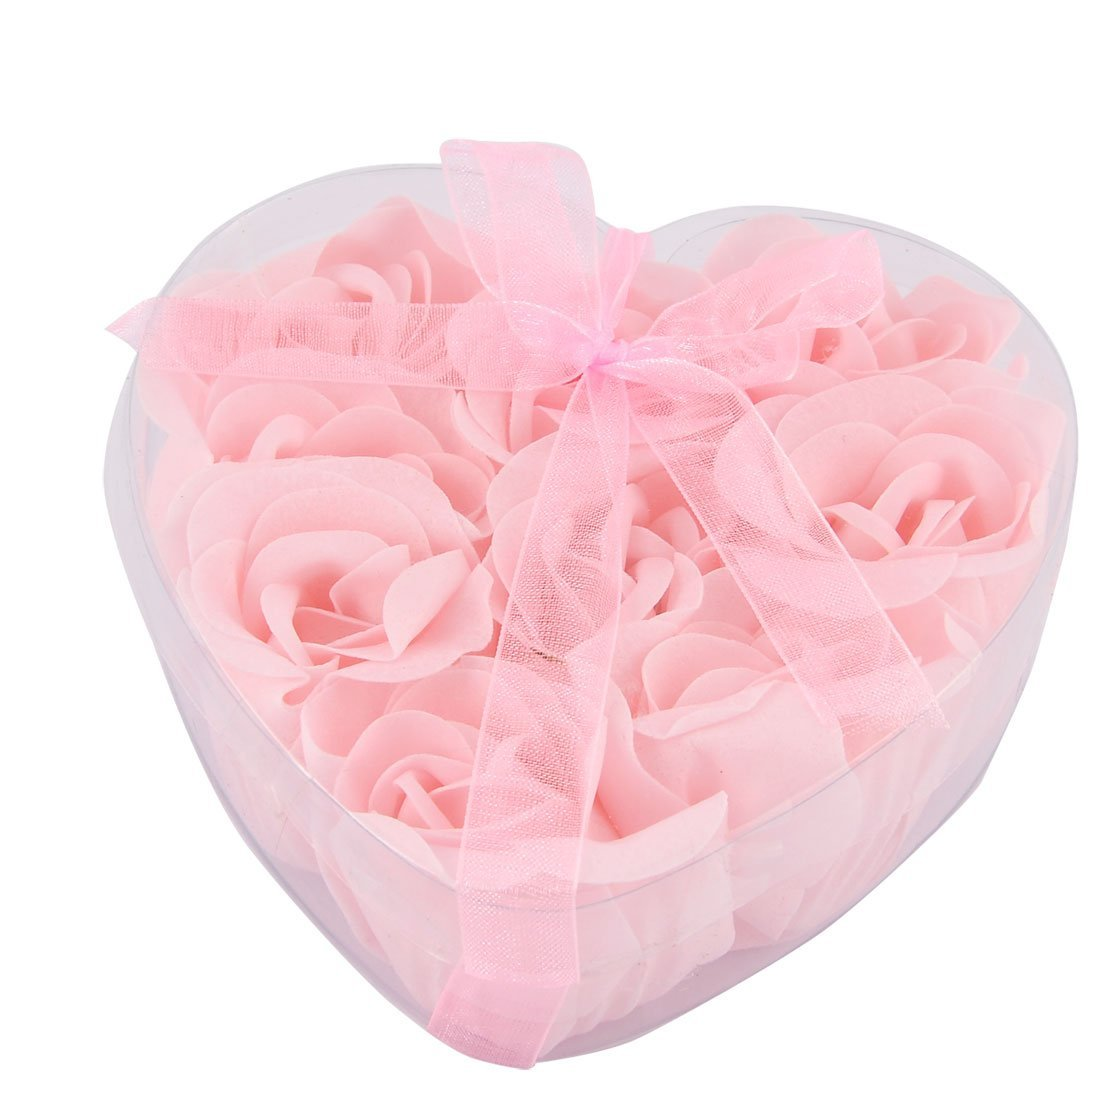 Amazon.com: eDealMax 9pcs Cuerpo Cuidado de la piel fragante pétalo de rosa Jabón en Forma de corazón caja de Color rosa: Health & Personal Care